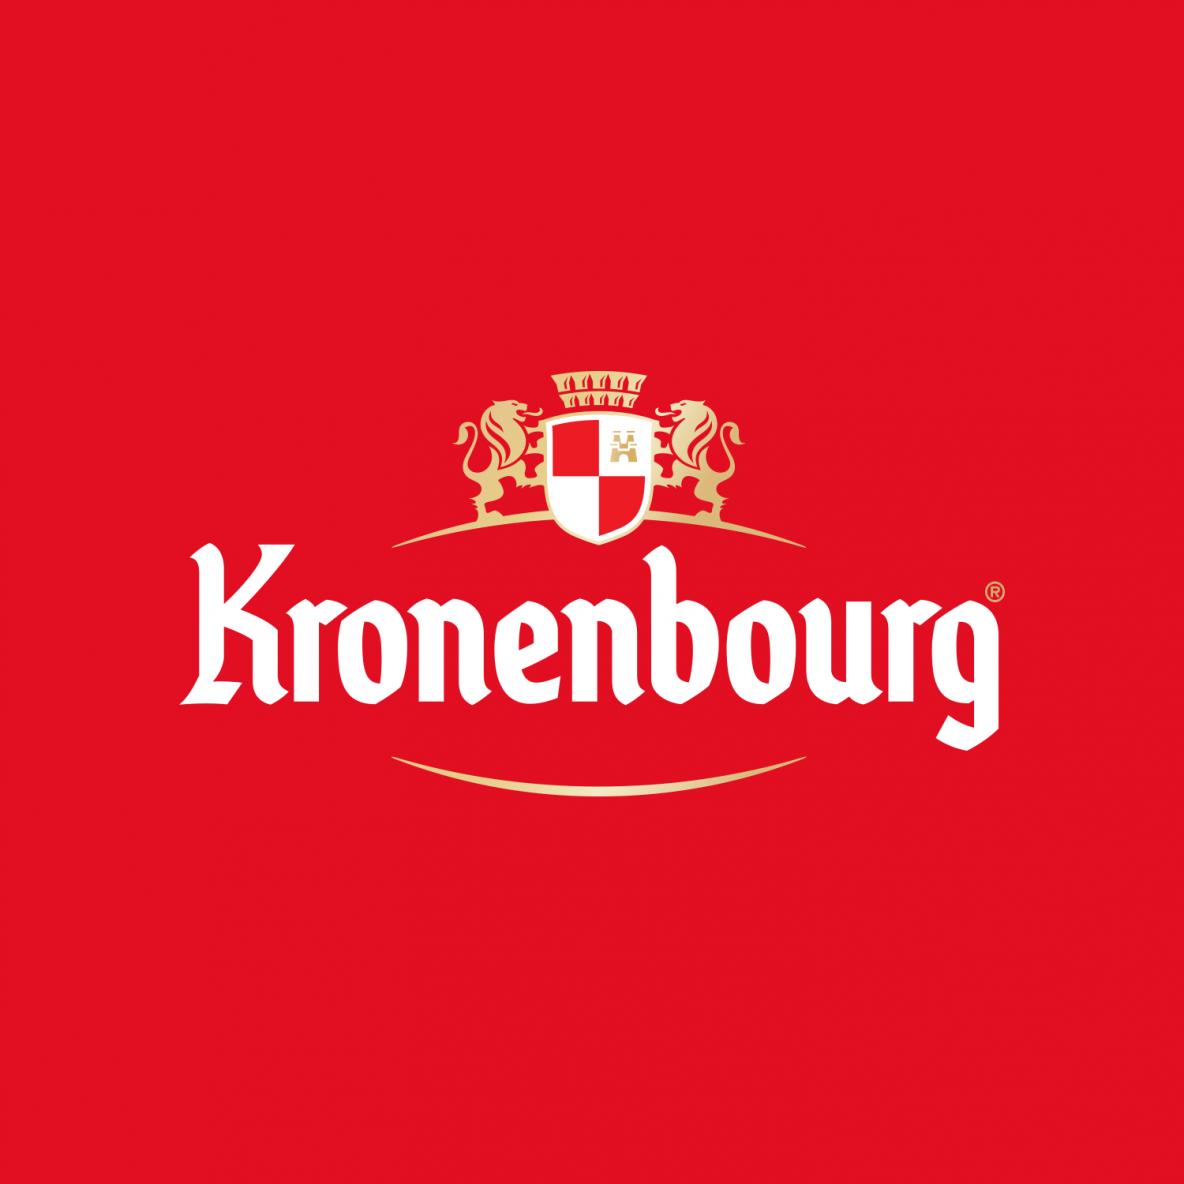 Kronenbourg - Les annees qui comptent De 1947 a 2017.